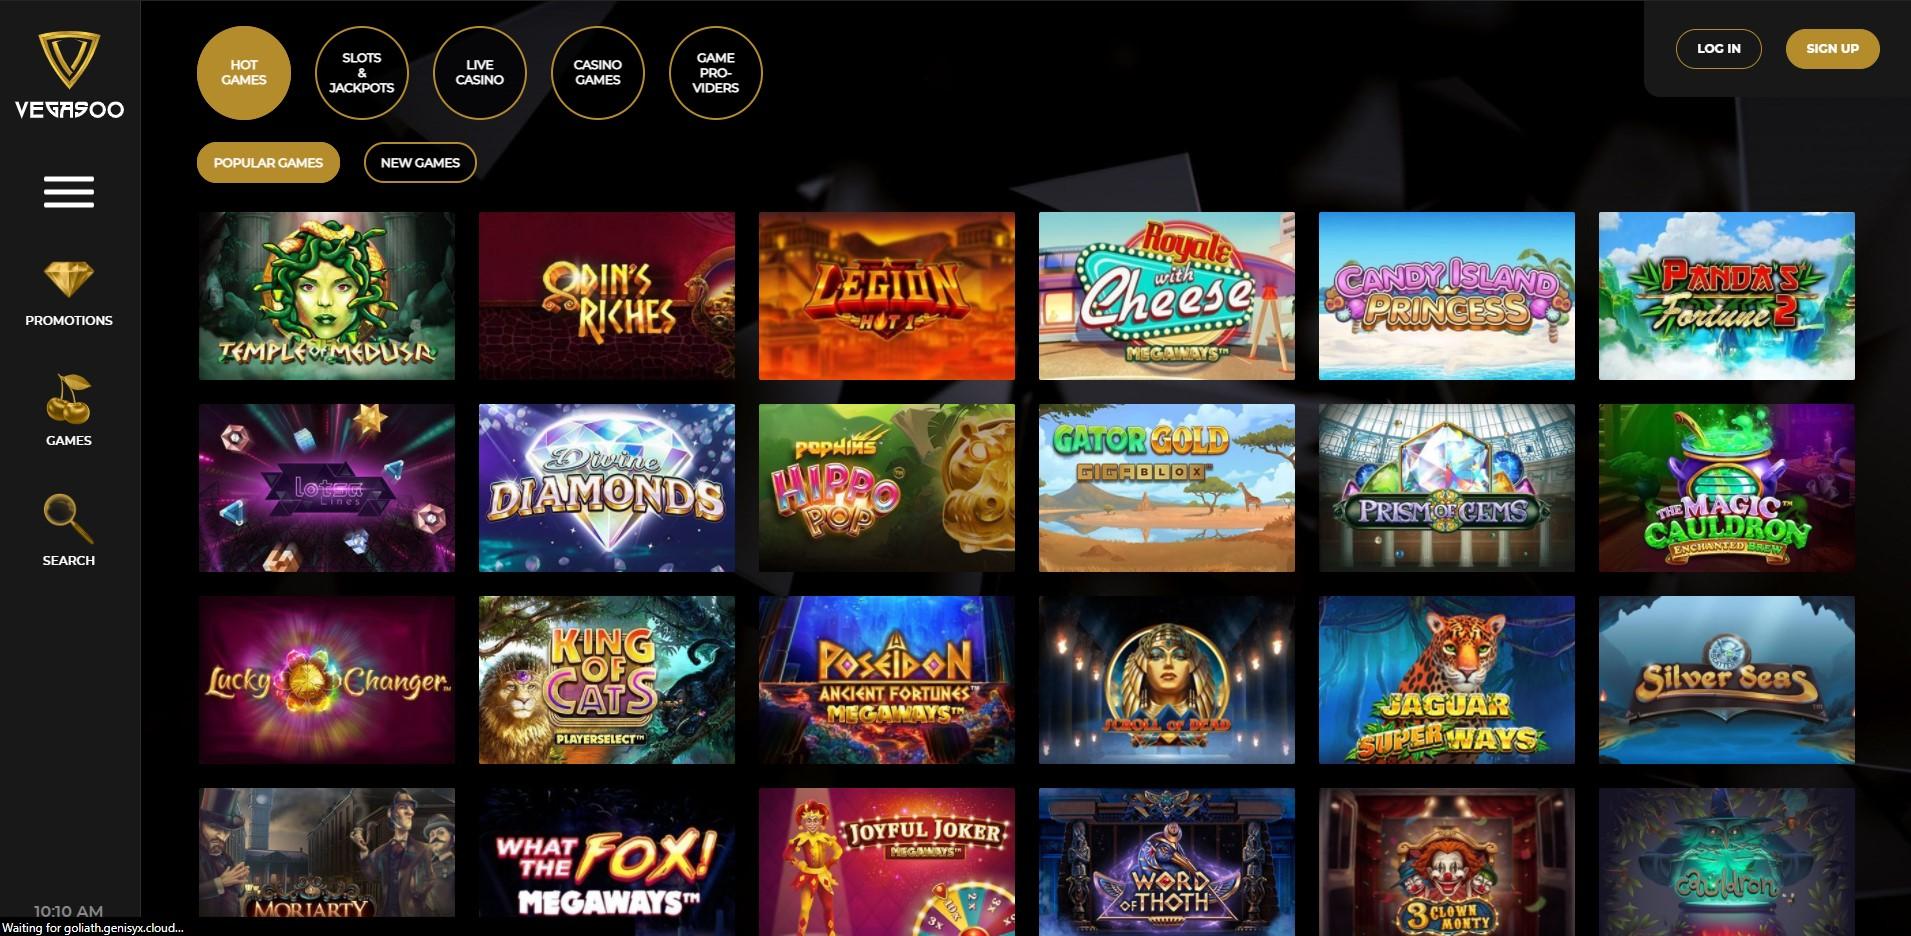 Games at Vegasoo Casino